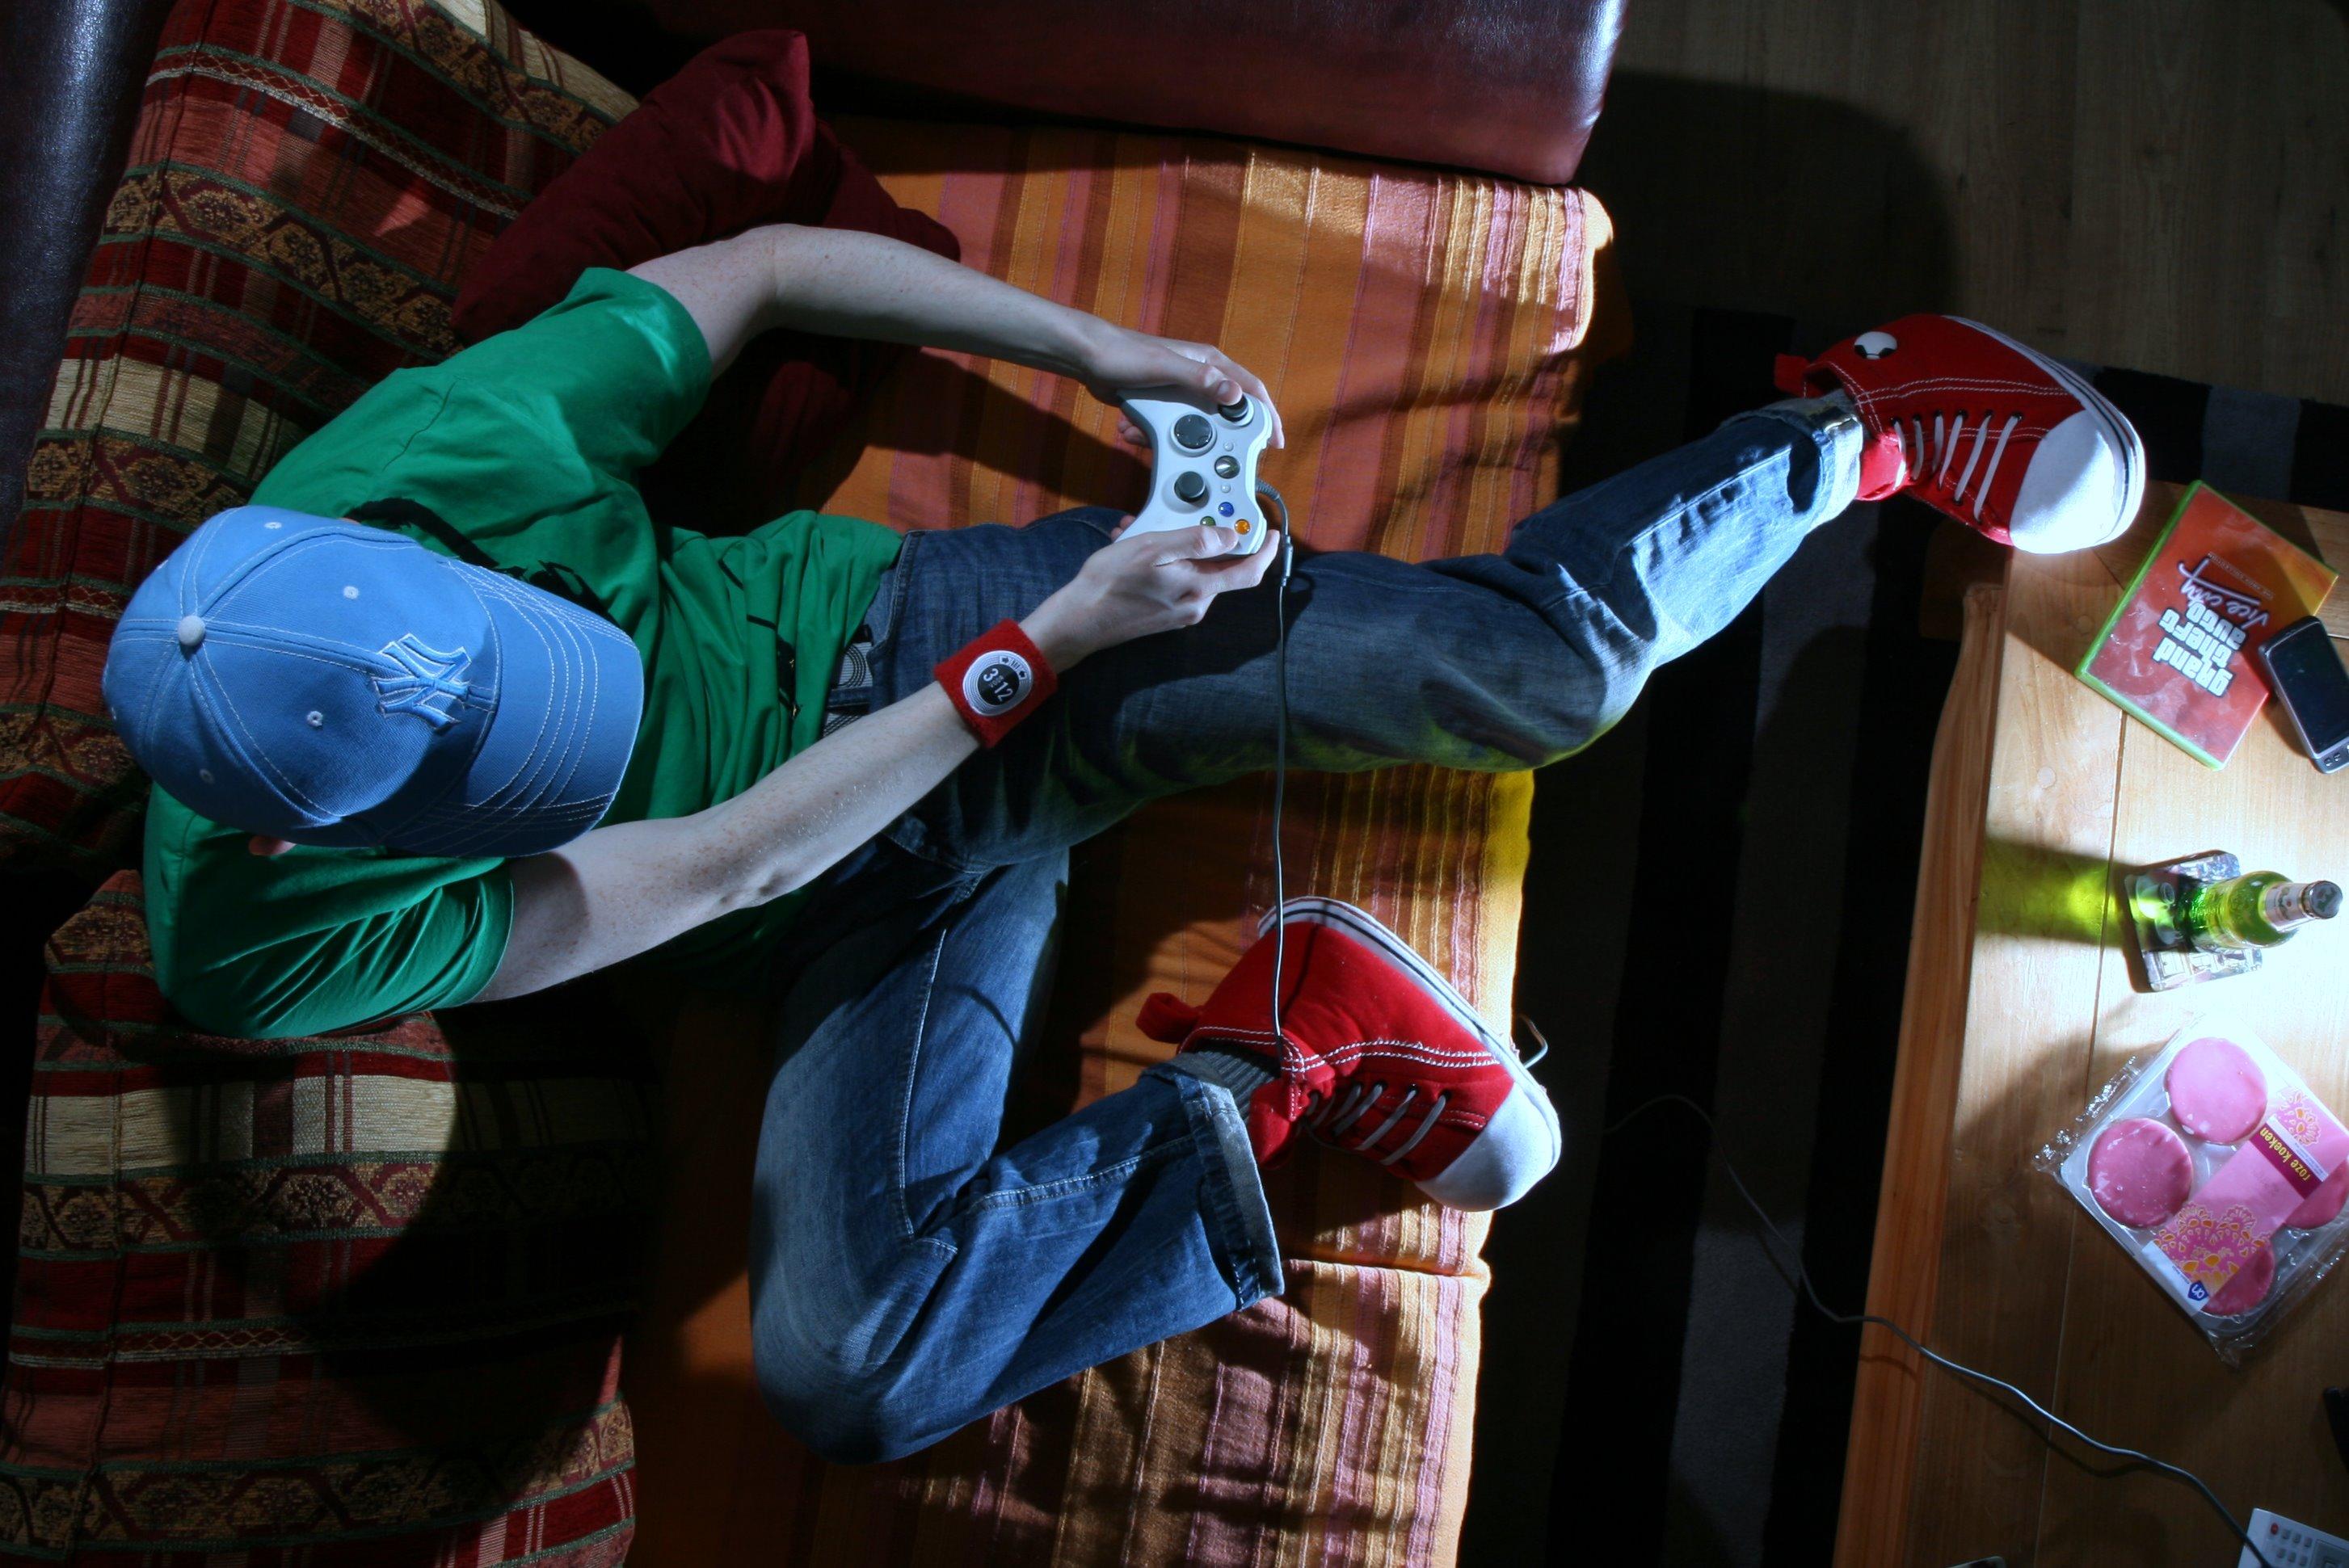 Do Video Games Make People More Violent? (Science-Based)